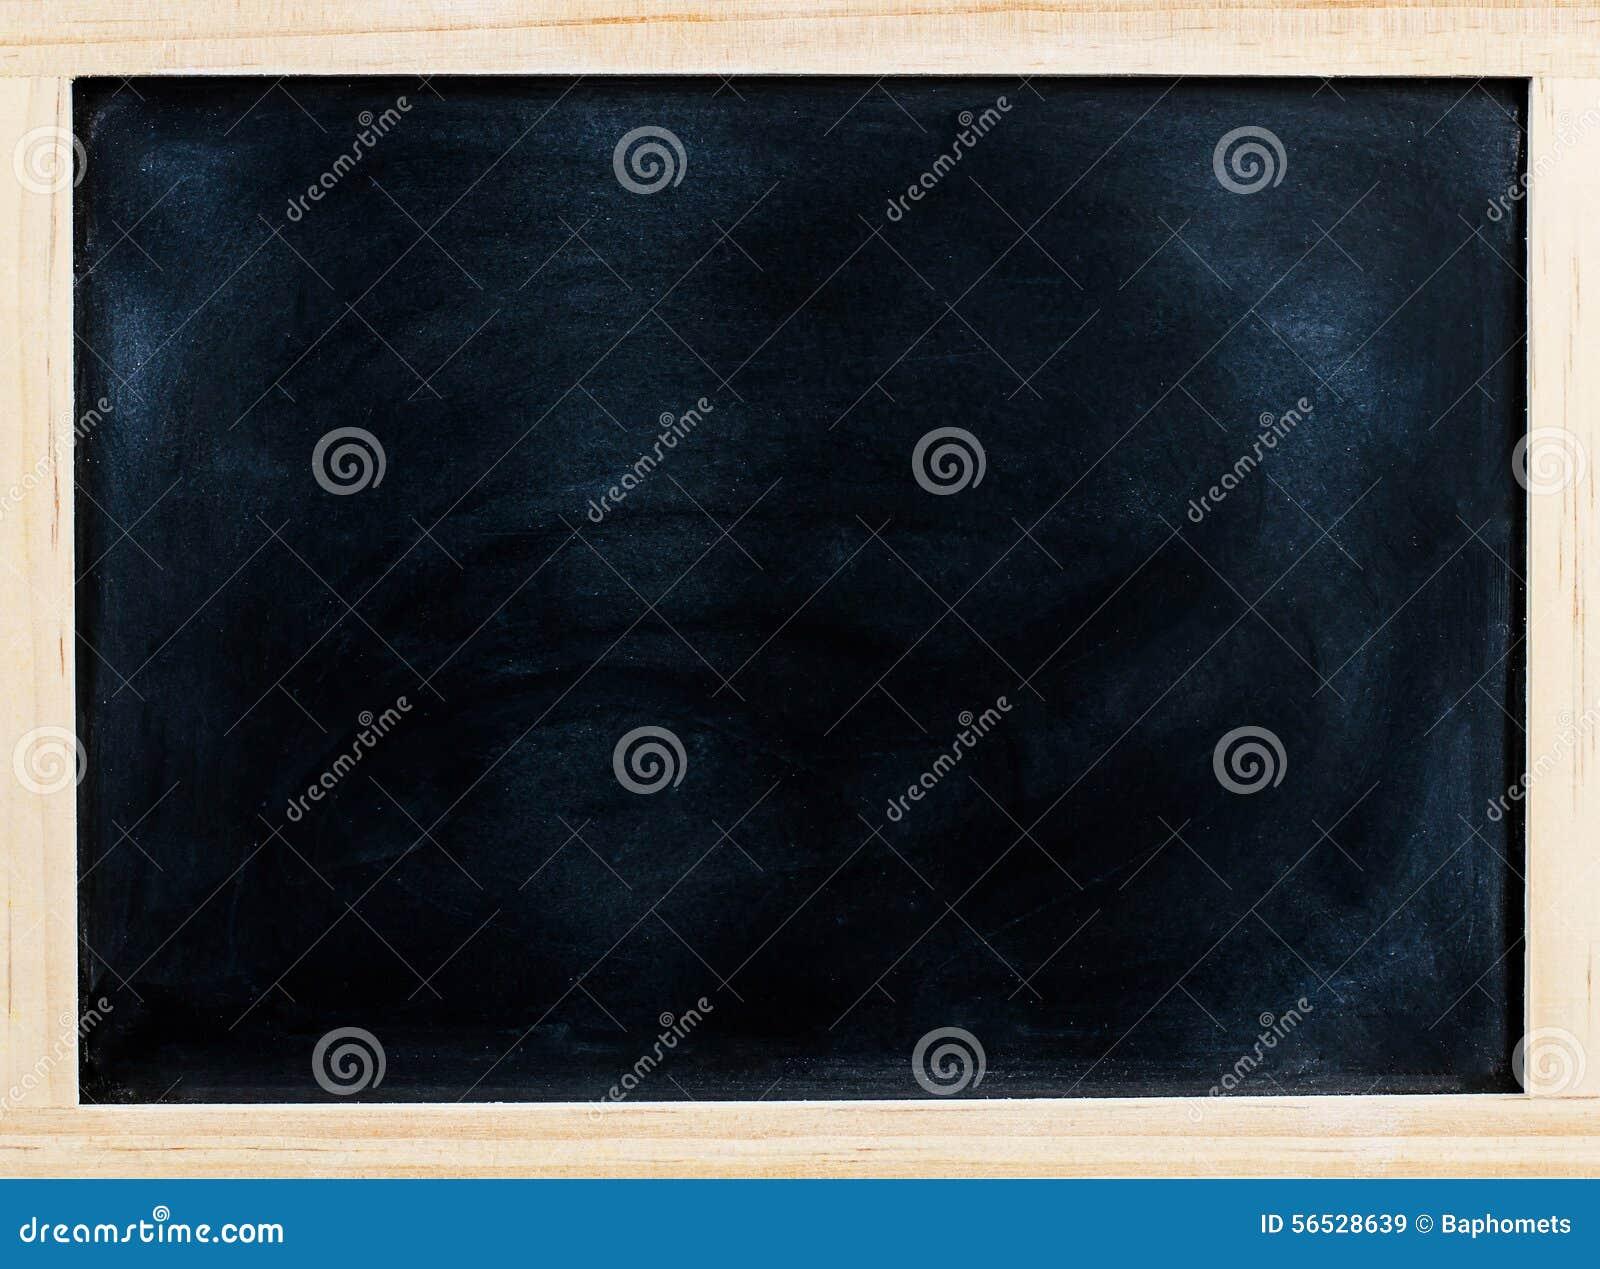 la texture du panneau de craie o le tableau noir panneau de craie avec la craie trace image. Black Bedroom Furniture Sets. Home Design Ideas